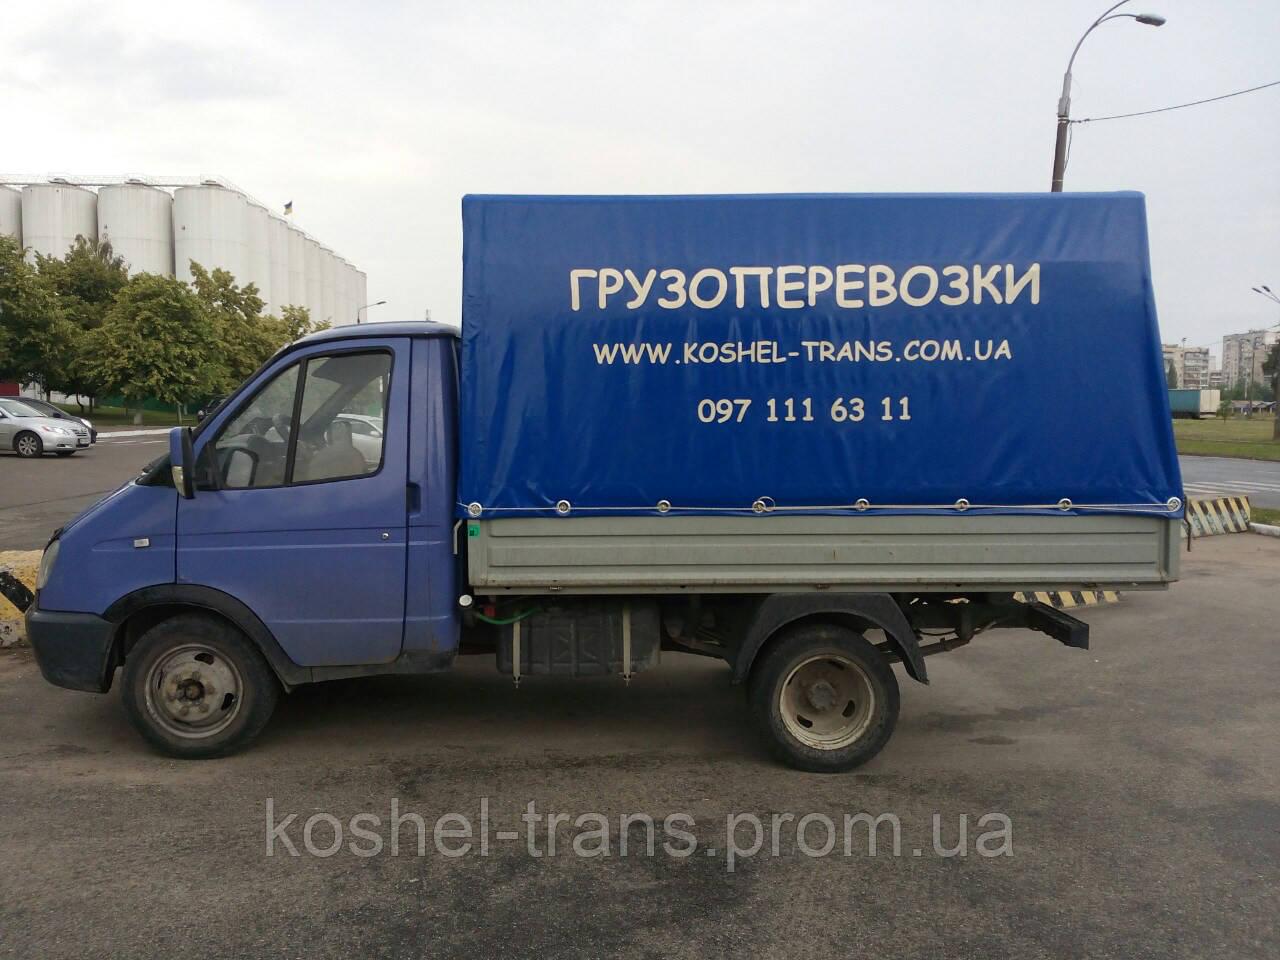 Перевозки Киев - Днепропетровск